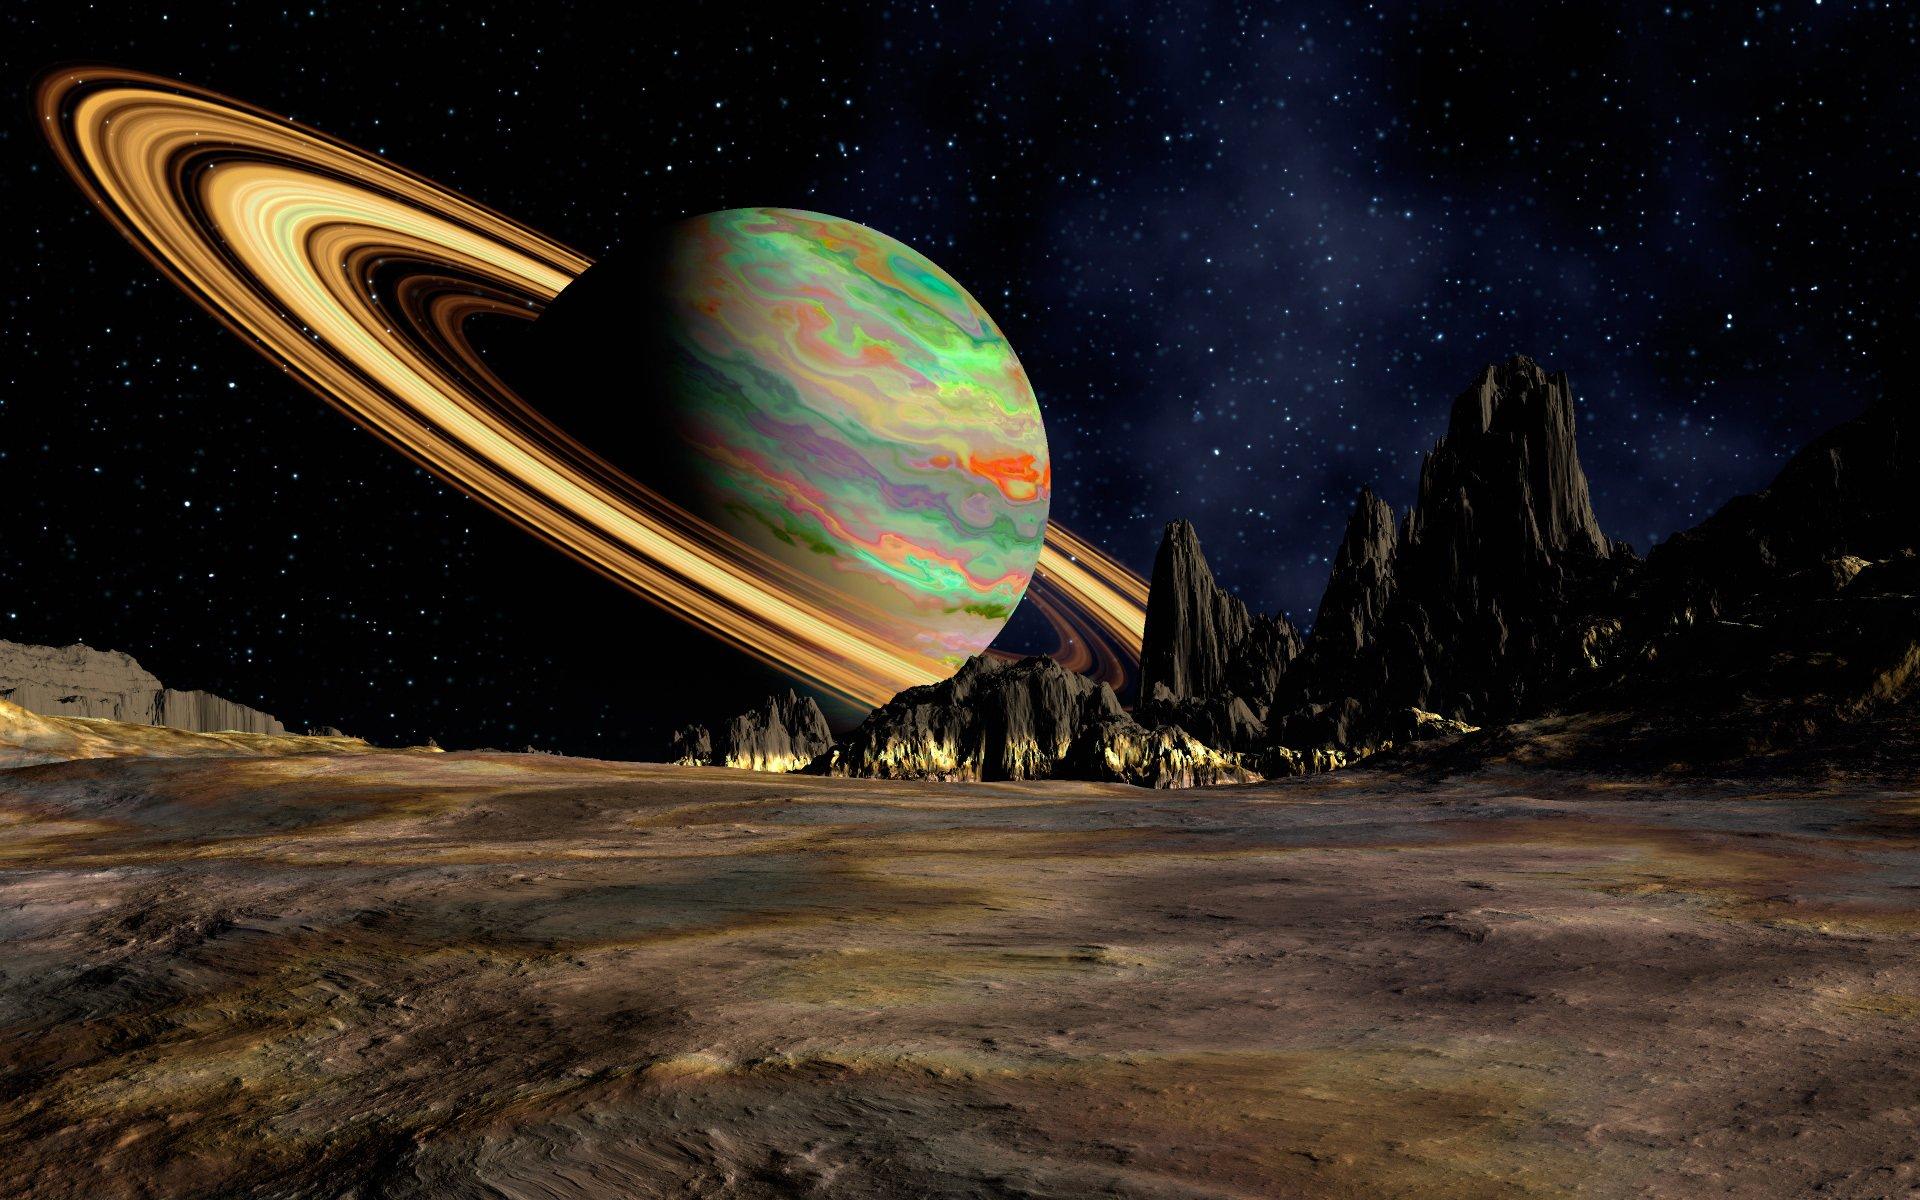 представляет собой фото космоса планет чудо это